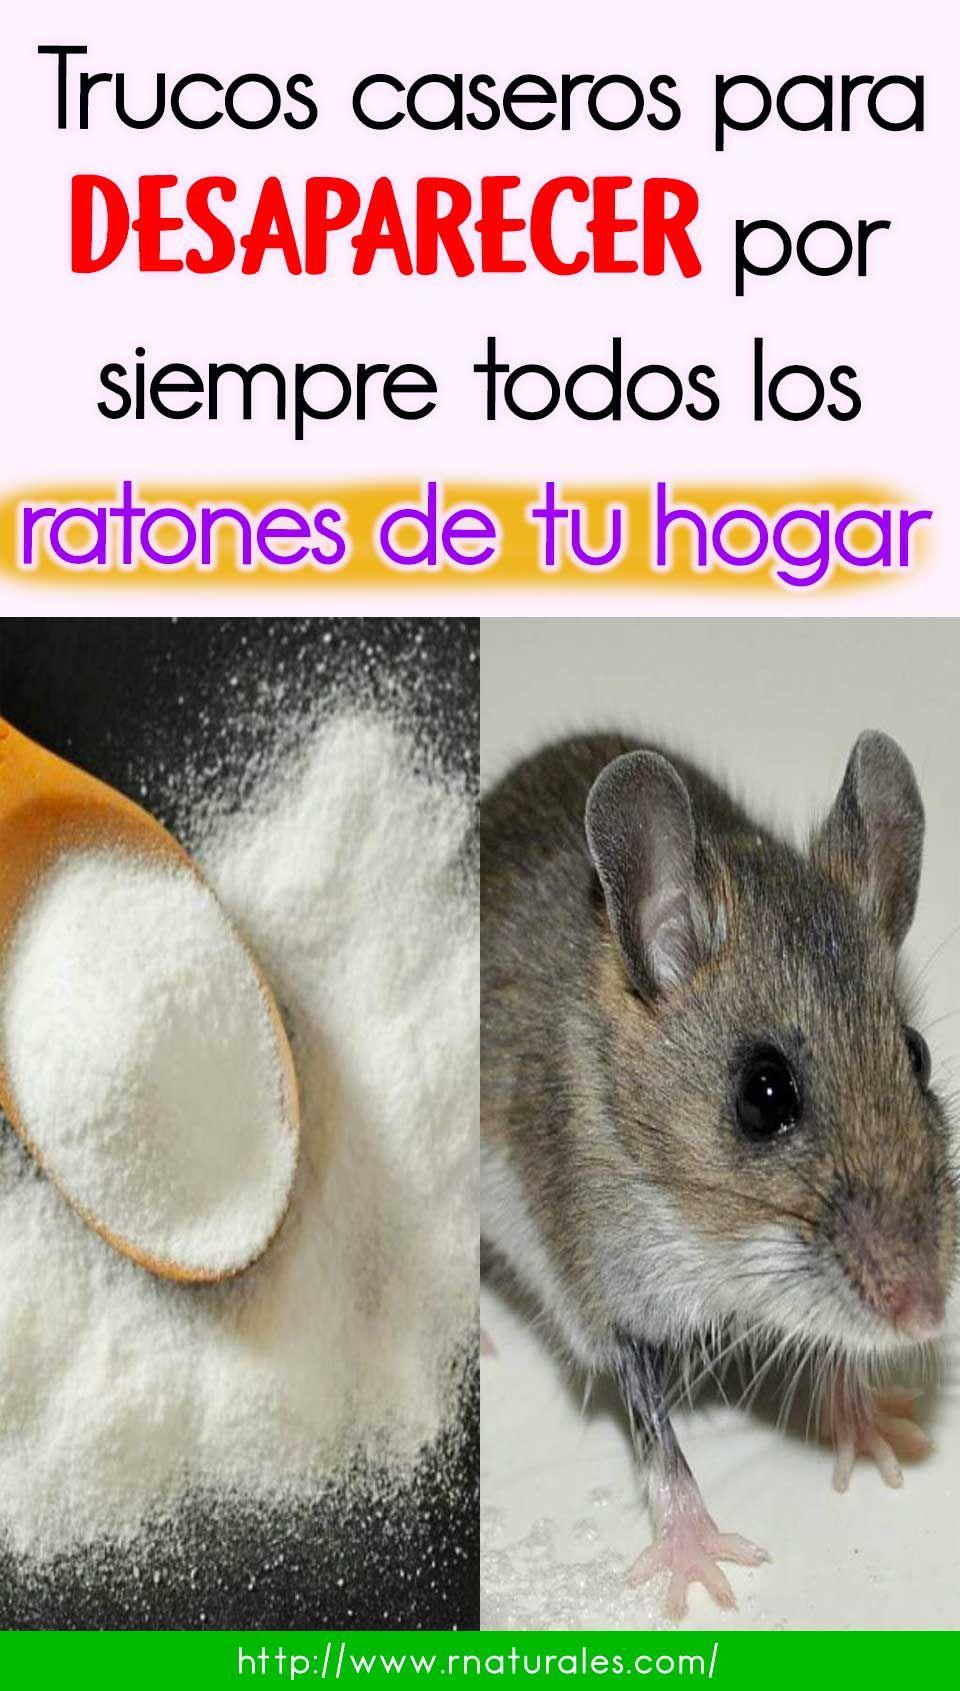 Como Acabar Con Las Ratas En El Jardin Trucos Caseros Para Desaparecer Por Siempre Todos Los Ratones De